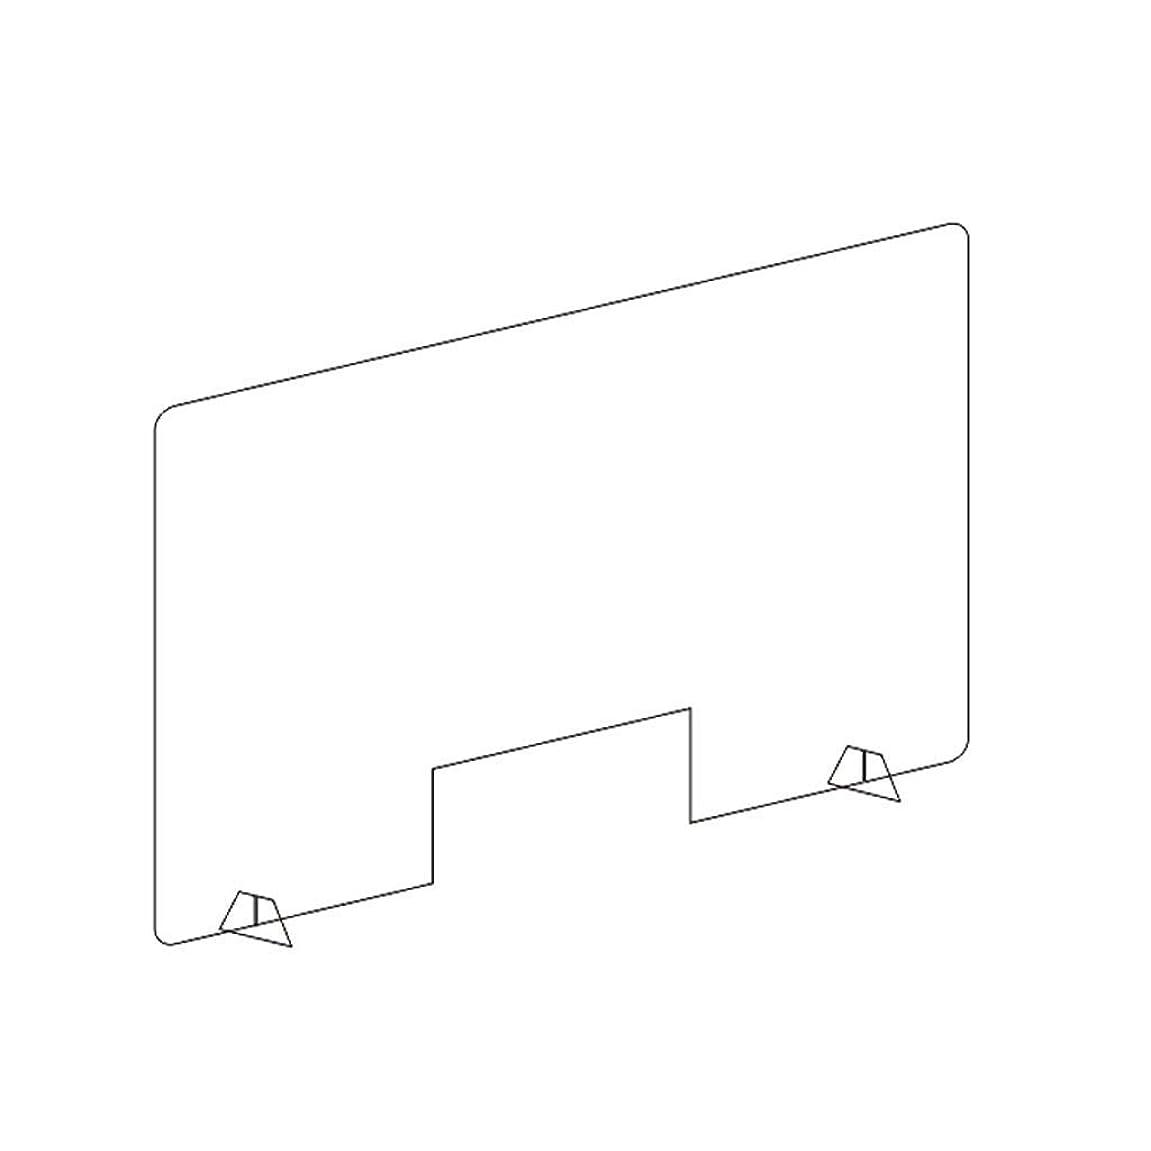 州構造的レギュラー保護くしゃみガード、ショップカウンター用スクリーン、保護くしゃみガード、パースペックスデスクディバイダーオフィス用透明保護図書館教室トレーディングウィンドウ(サイズ:60 * 40cm)